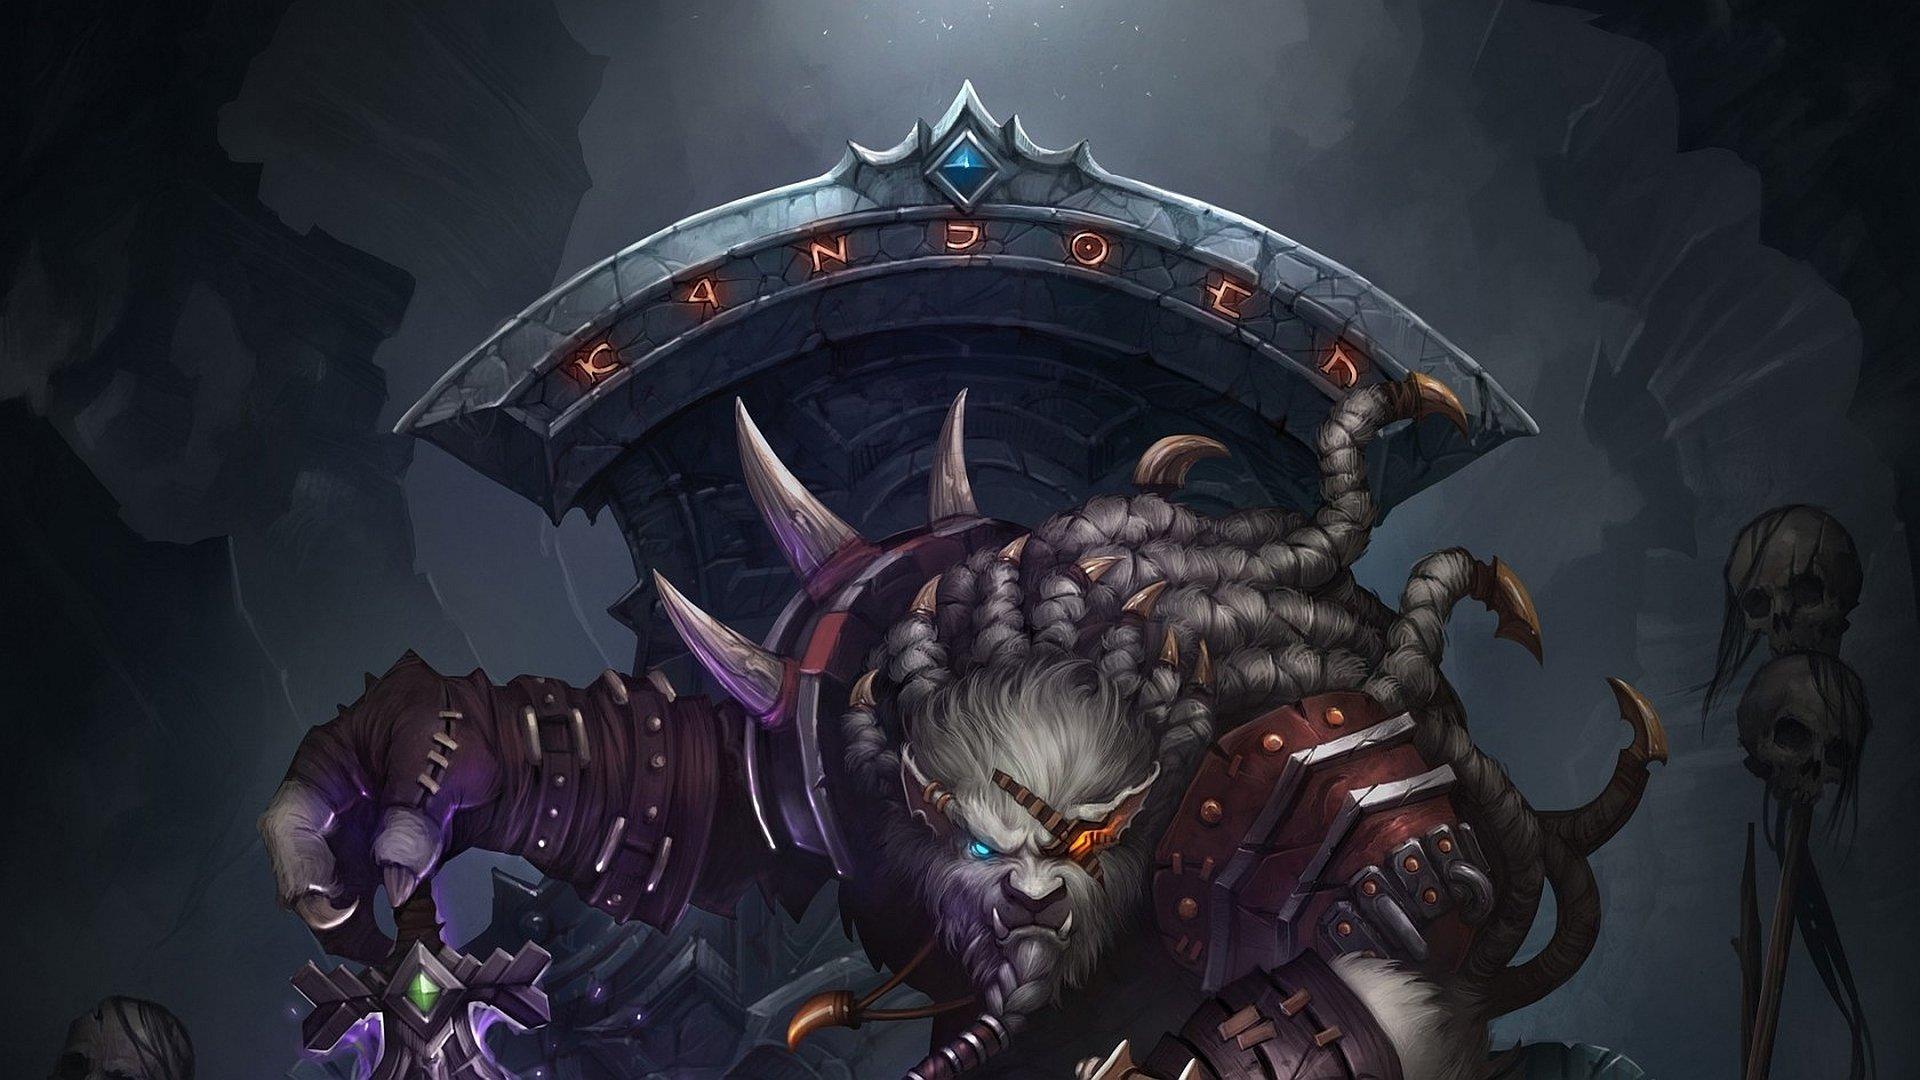 50 Rengar League Of Legends Hd Duvar Kağıtları Arka Planlar